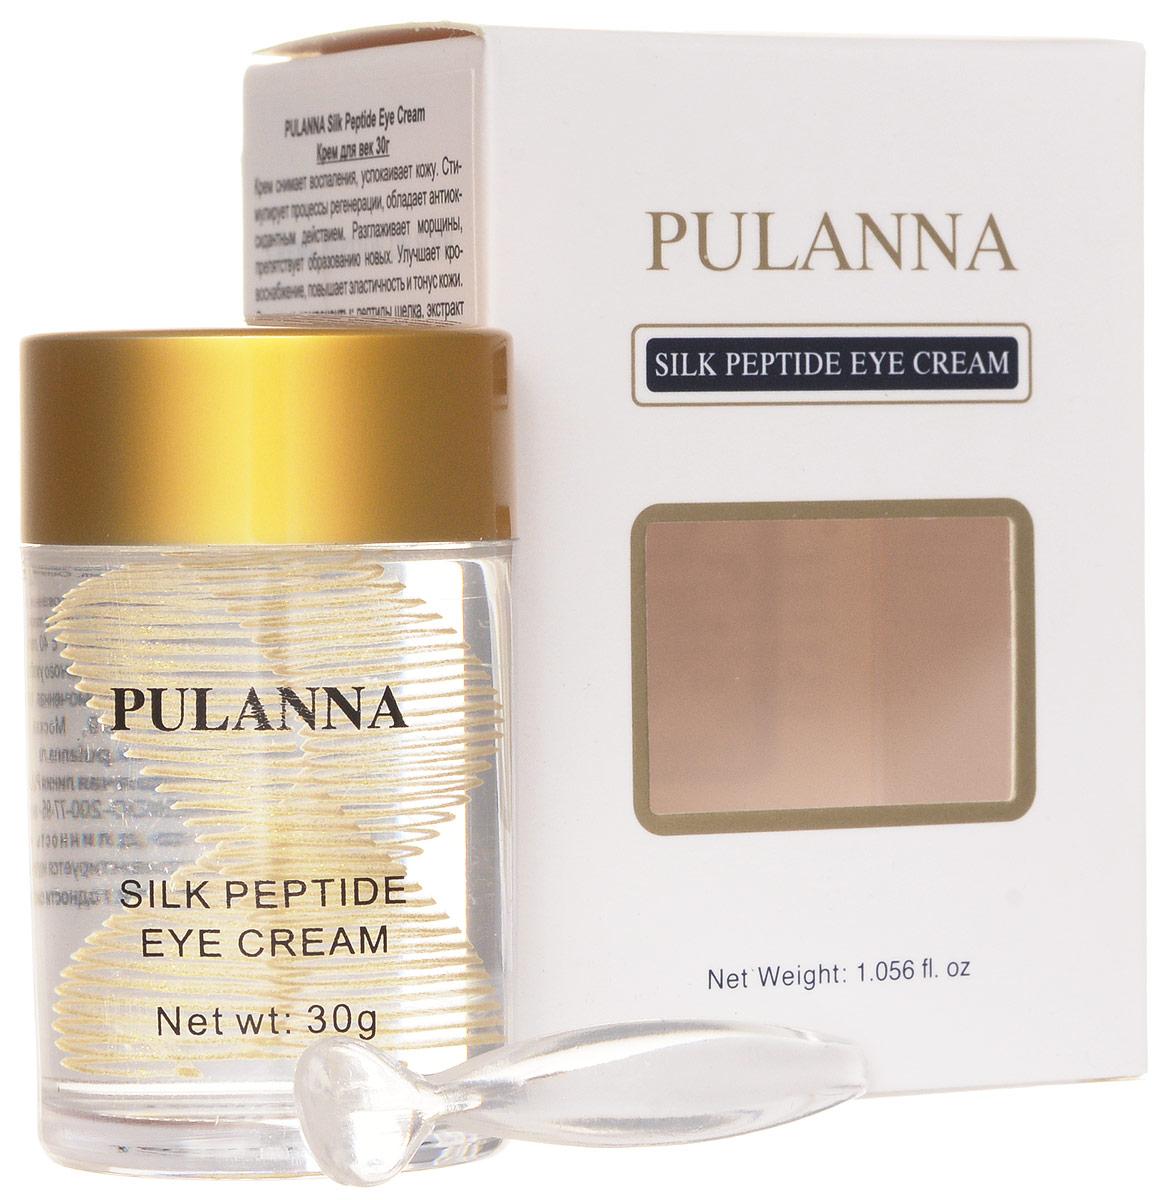 Pulanna Крем для век на основе пептидов шелка - Silk Peptide Eye Cream 30 г5902596005191Крем содержит необходимые коже аминокислоты, которые нормализуют водный и белковый обменные процессы. Насыщает кожу витаминами и микроэлементами, укрепляет сосуды. Обладает антиоксидантным действием, повышает клеточный иммунитет. Интенсивно увлажняет, придает мягкость и эластичность. Сглаживает морщинки, мимические линии, заломы, препятствует образованию новых. Оказыает успокаивающее действие. Препятствует иссушению кожи век.Рекомендован с 40 лет.